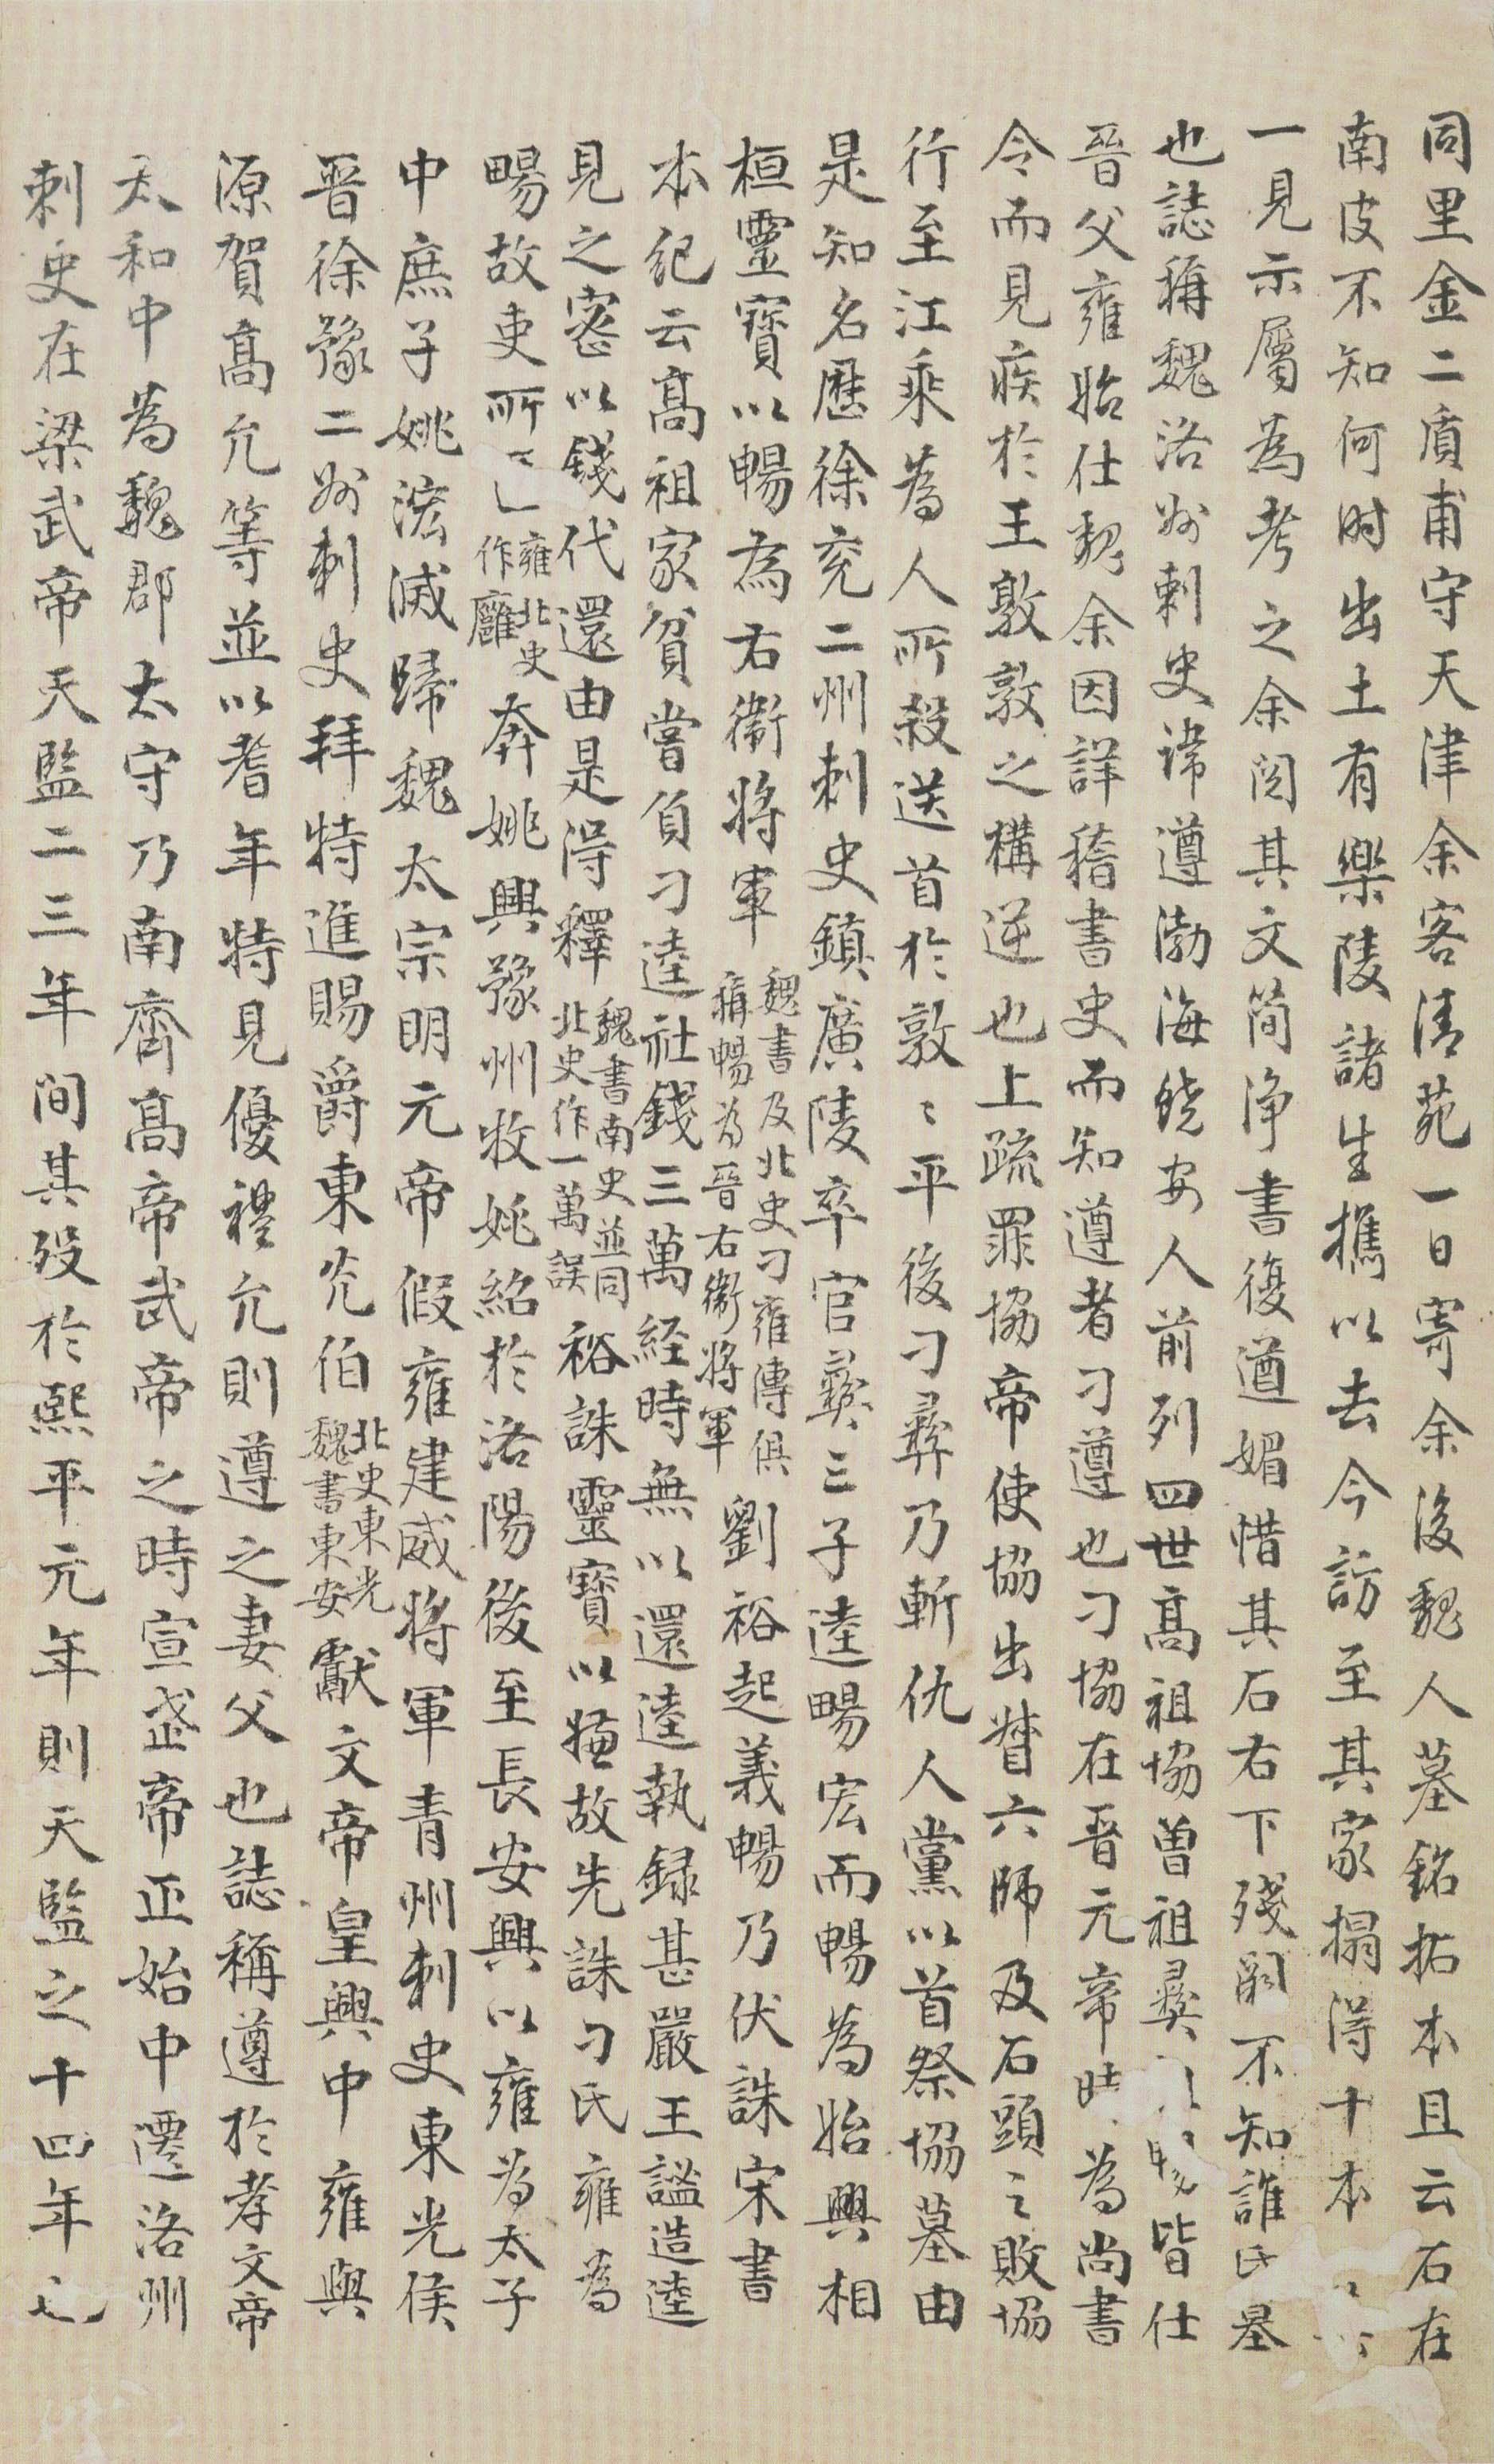 刁刘氏_魏晋南北朝书法-书法空间——永不落幕的书法博物馆